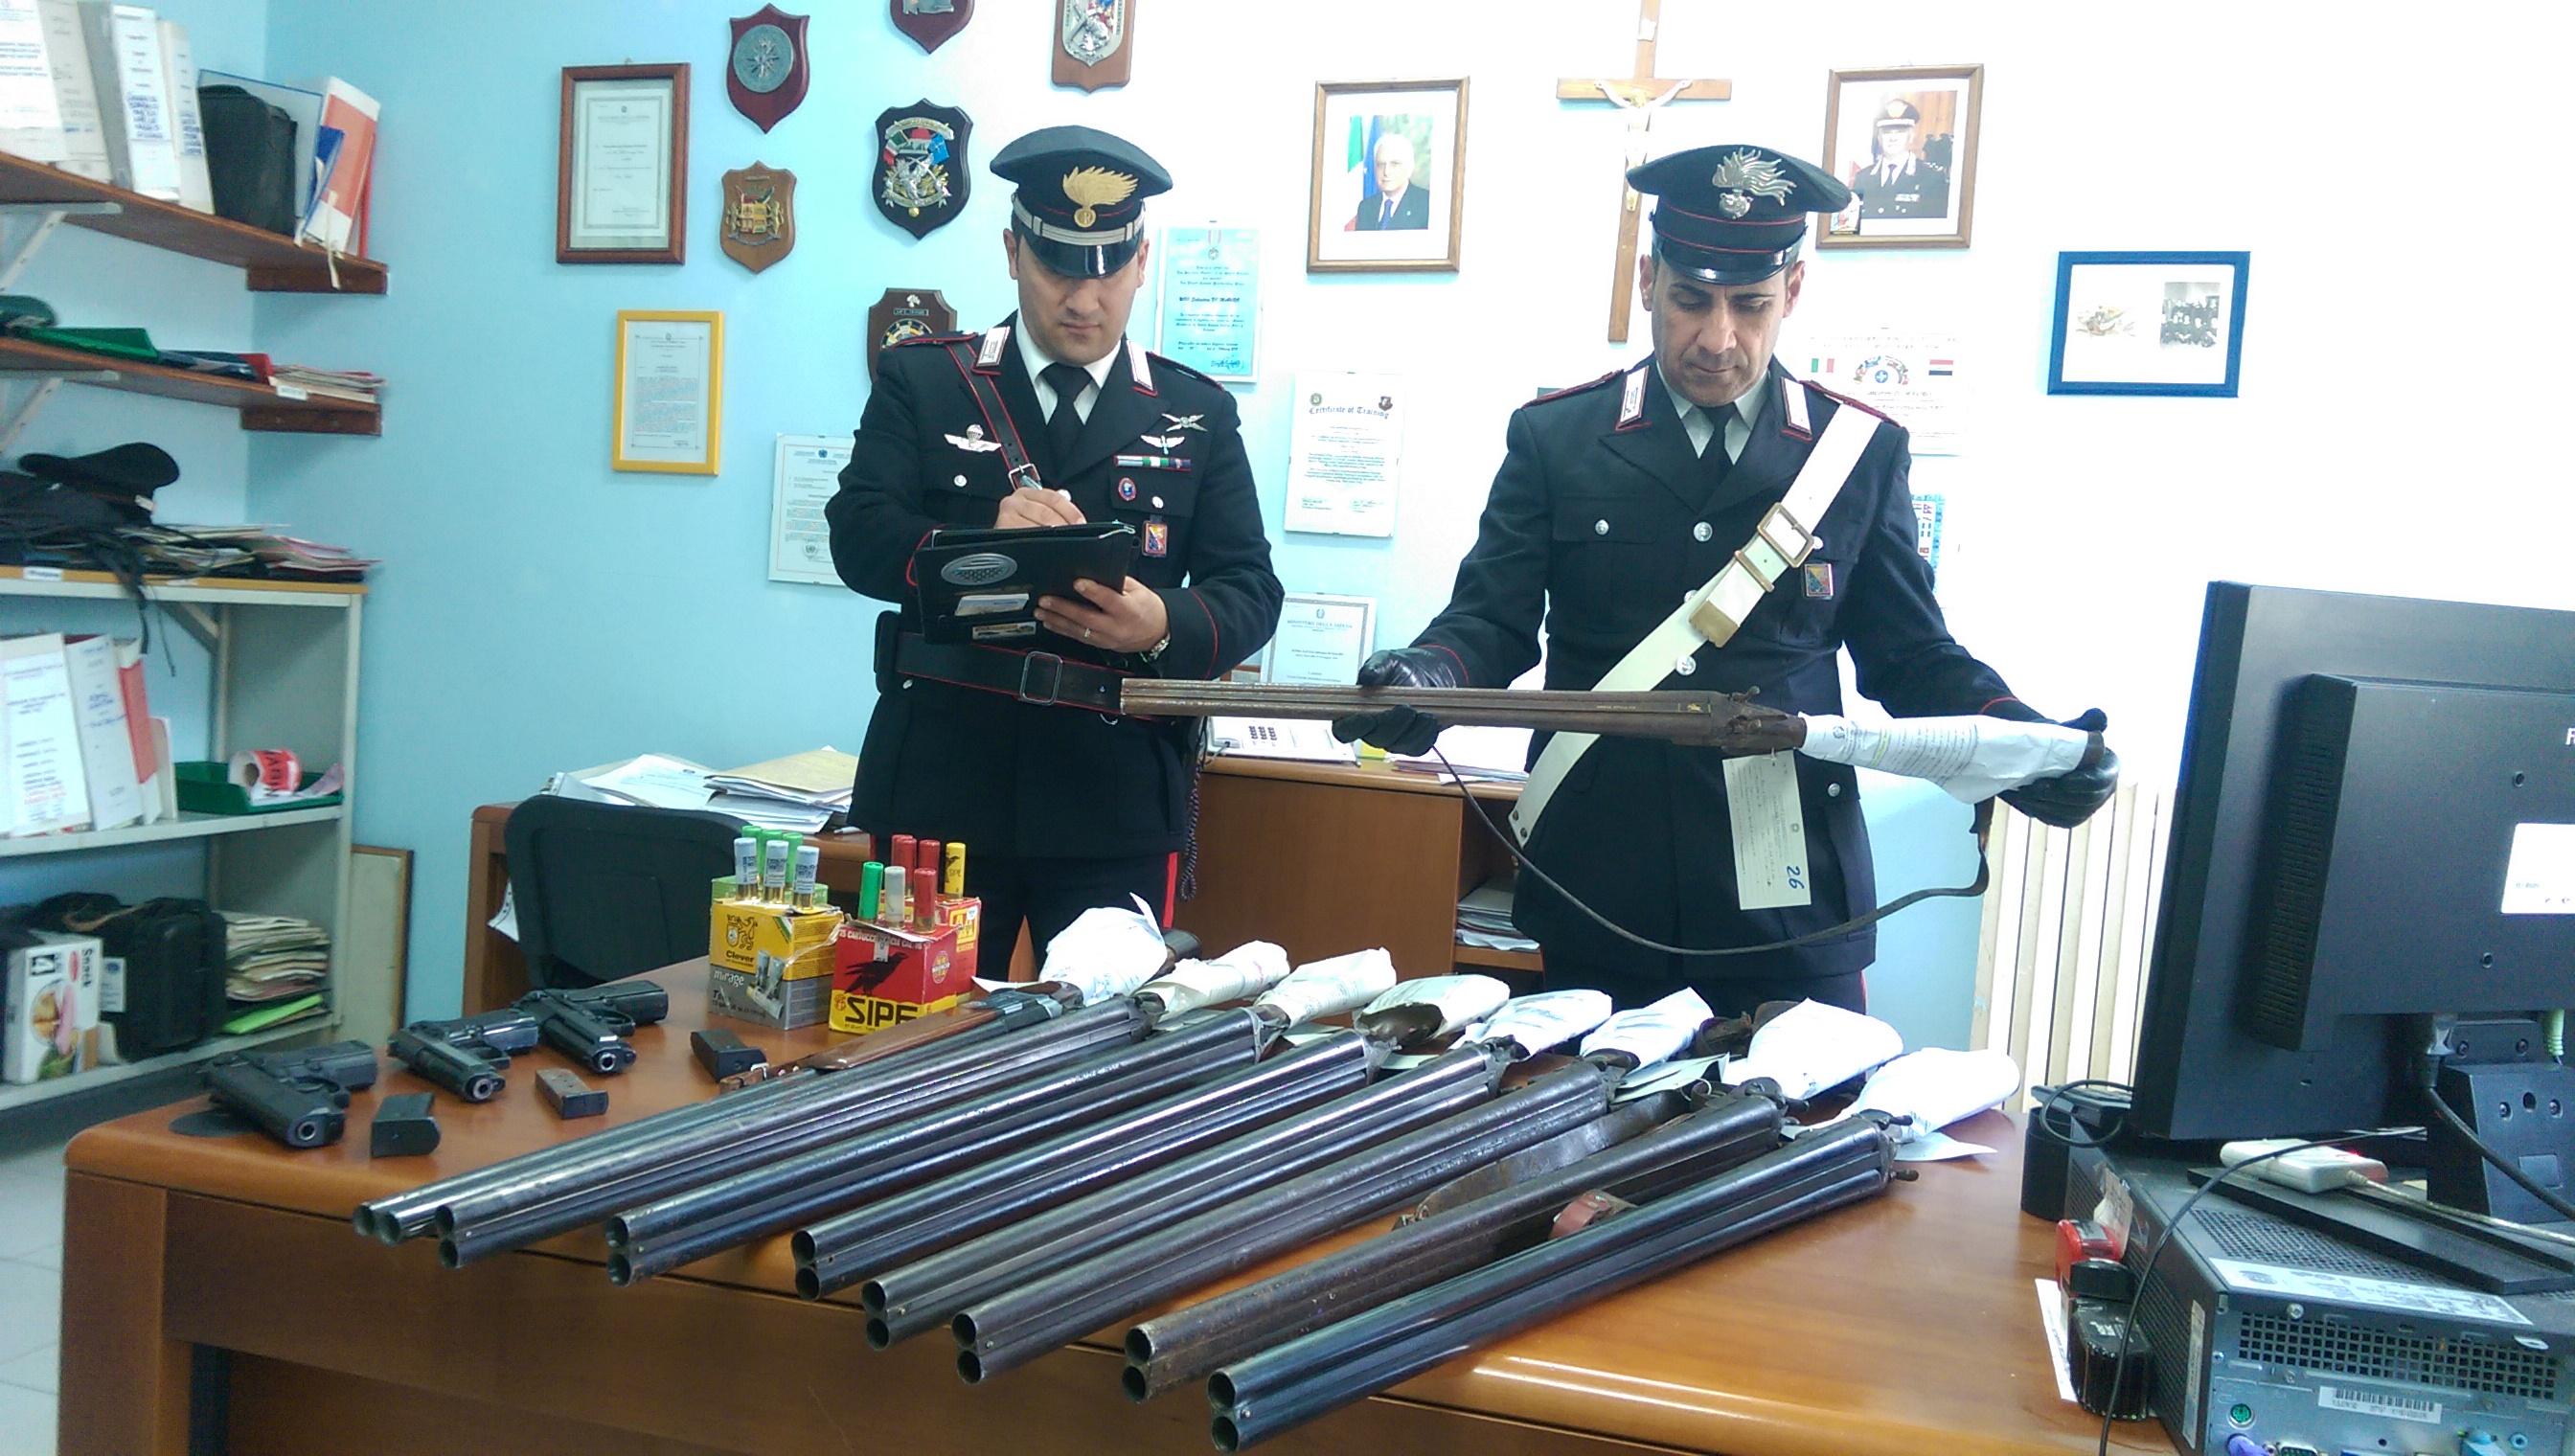 Siracusa. Armi e munizioni, in sei mesi i Carabinieri hanno sequestrato oltre 150 tra pistole e fucili